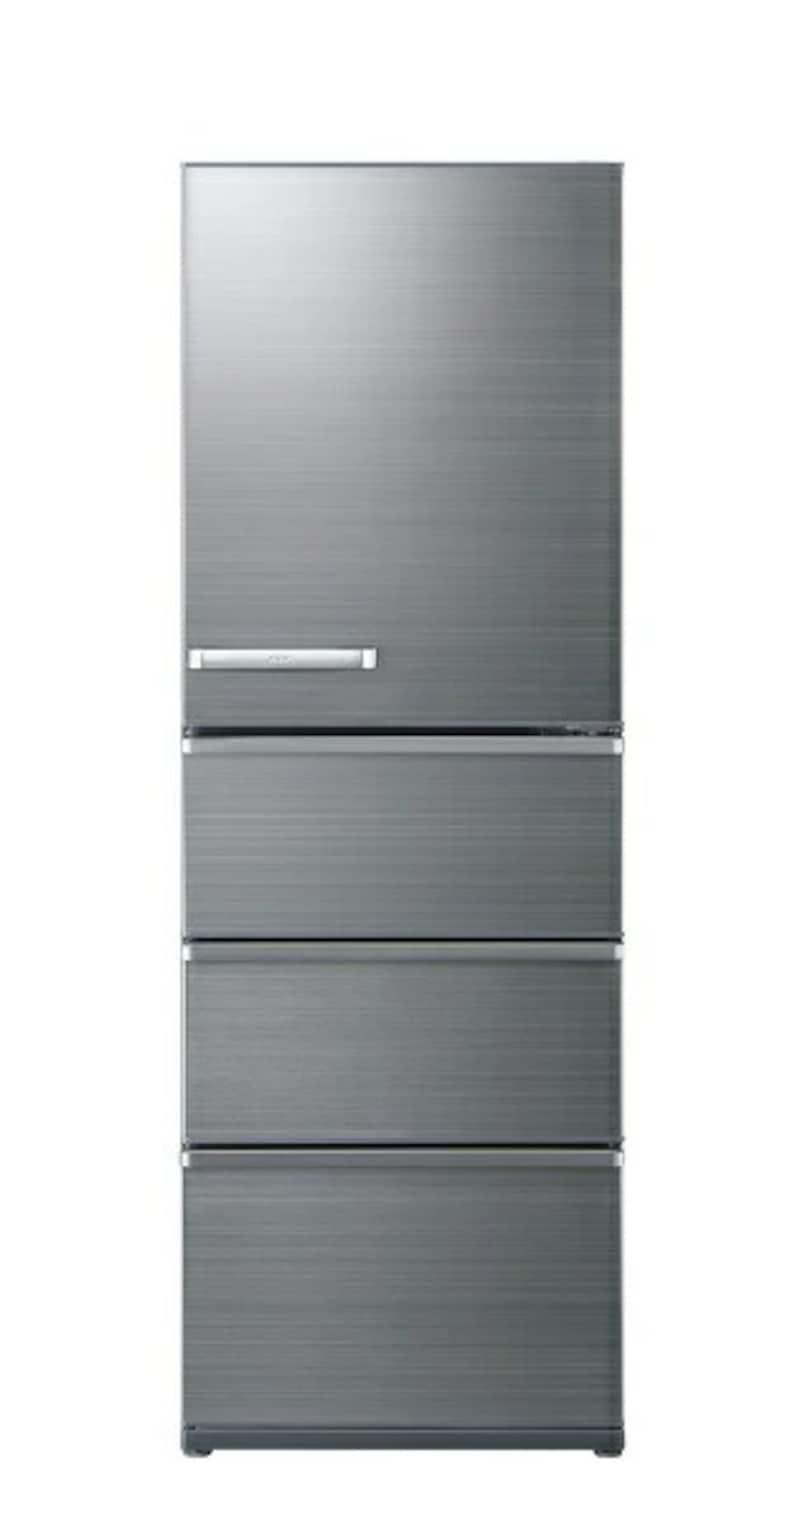 AQUA(アクア),冷蔵庫 Delie(デリエ)シリーズ,AQR-V43K(S)